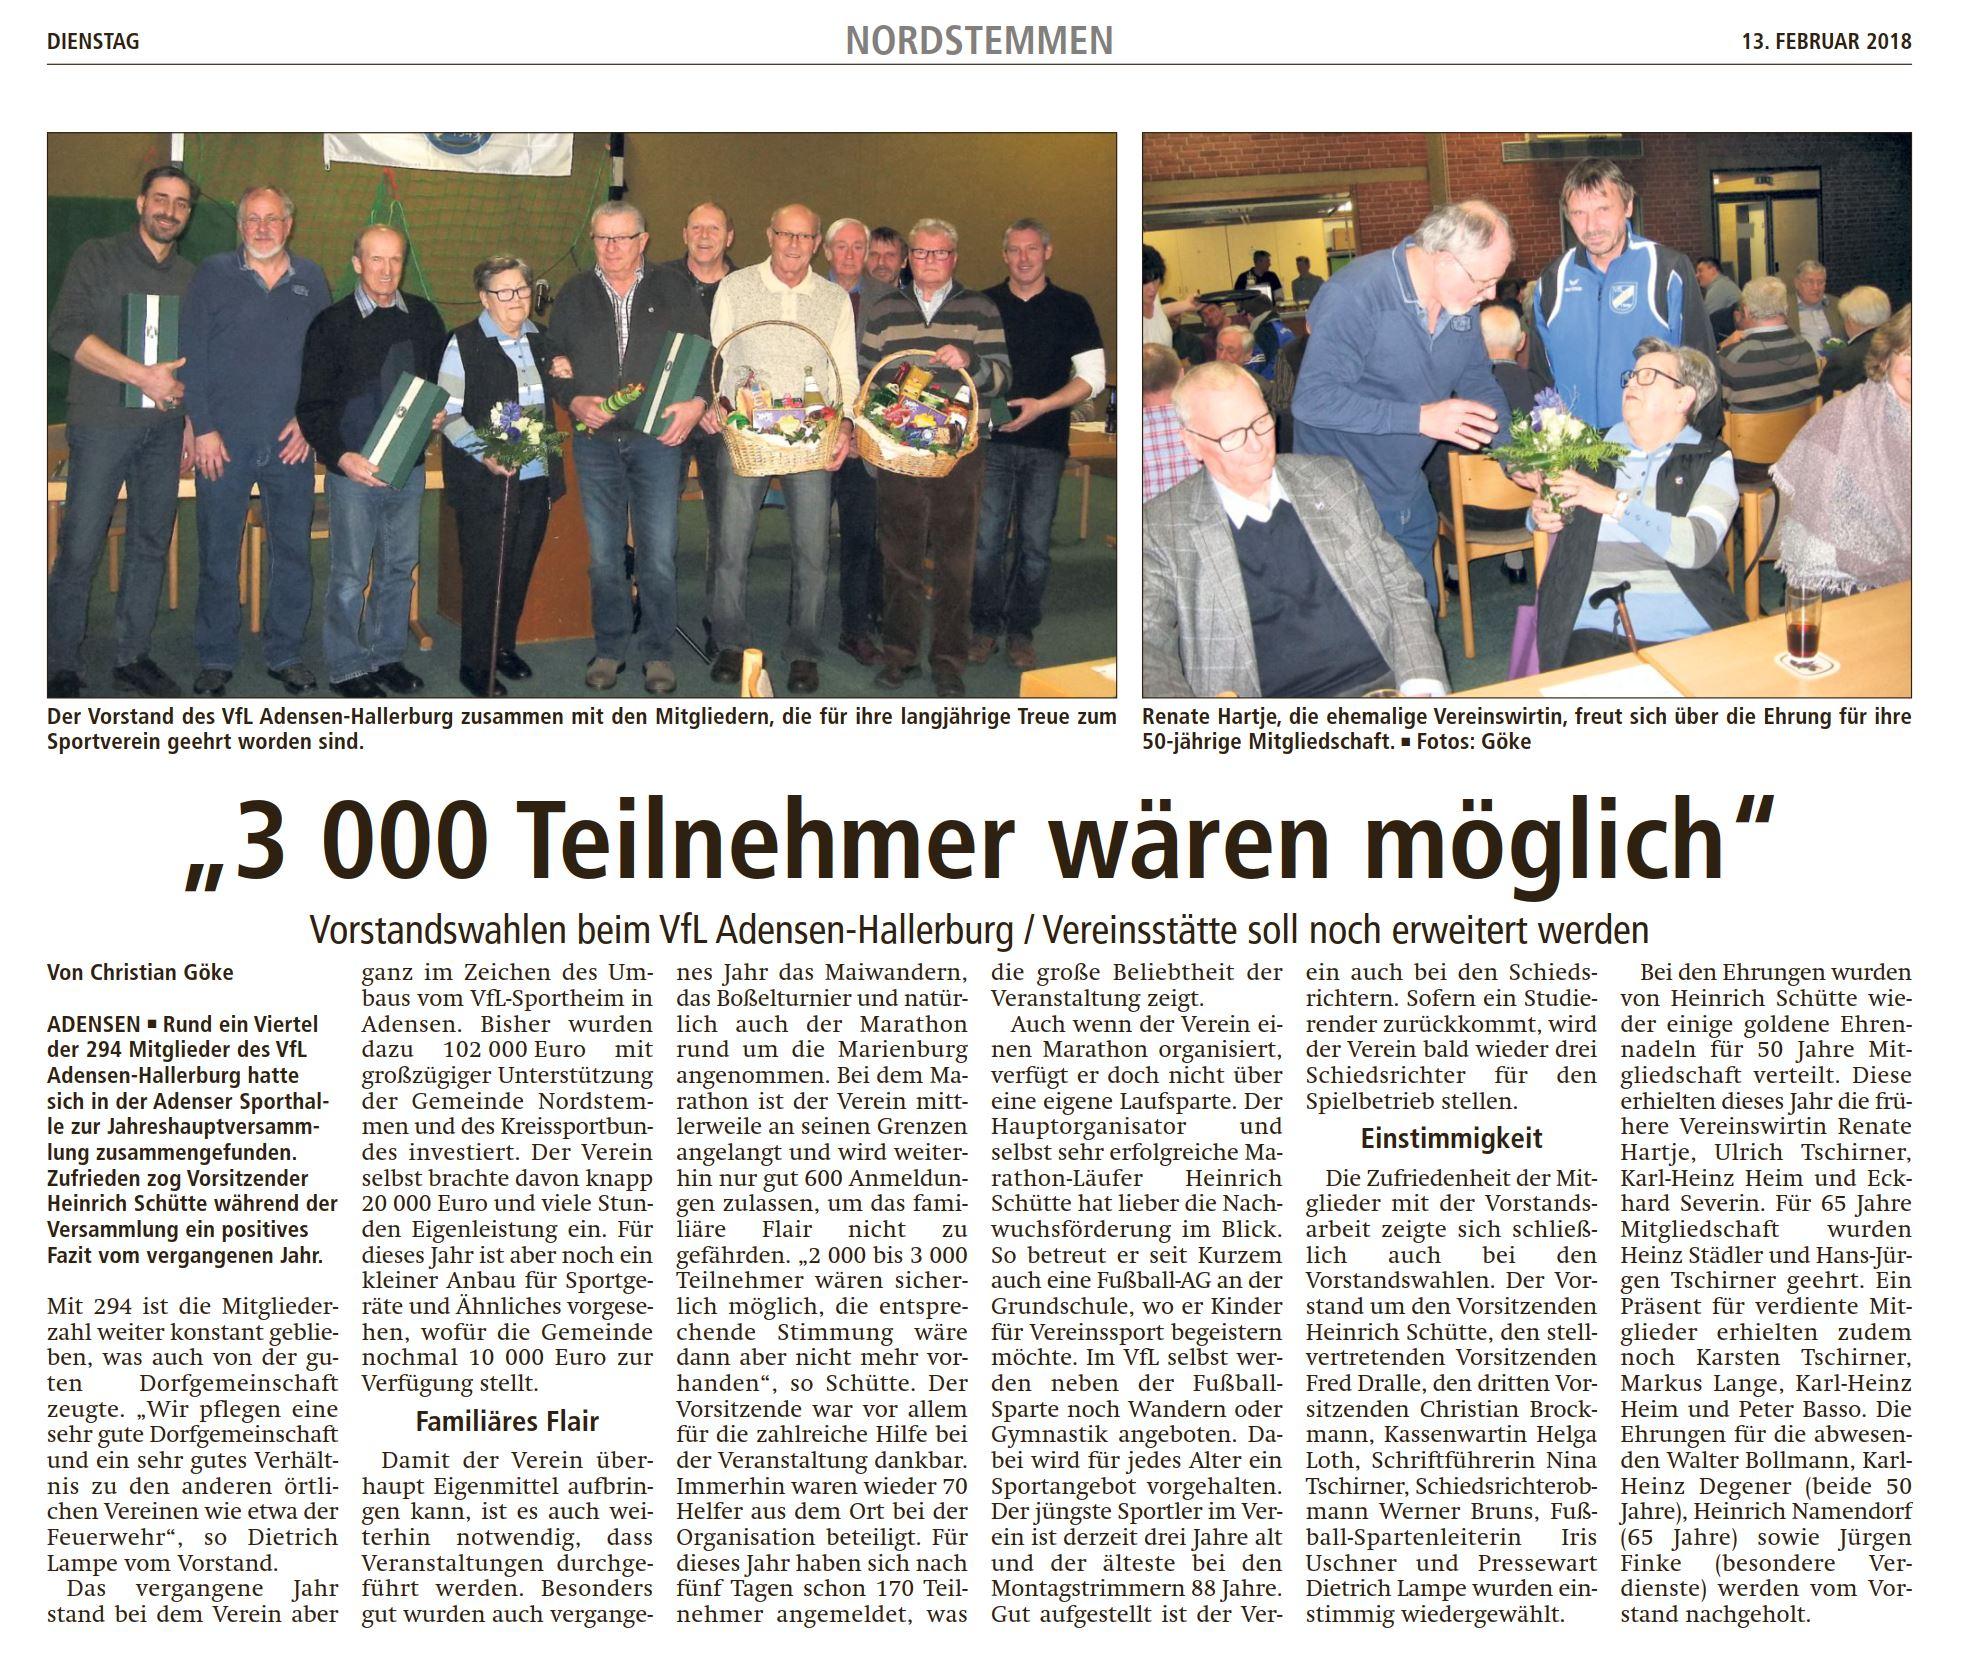 20180213_LDZ VfL Adensen Hallerburg JHV